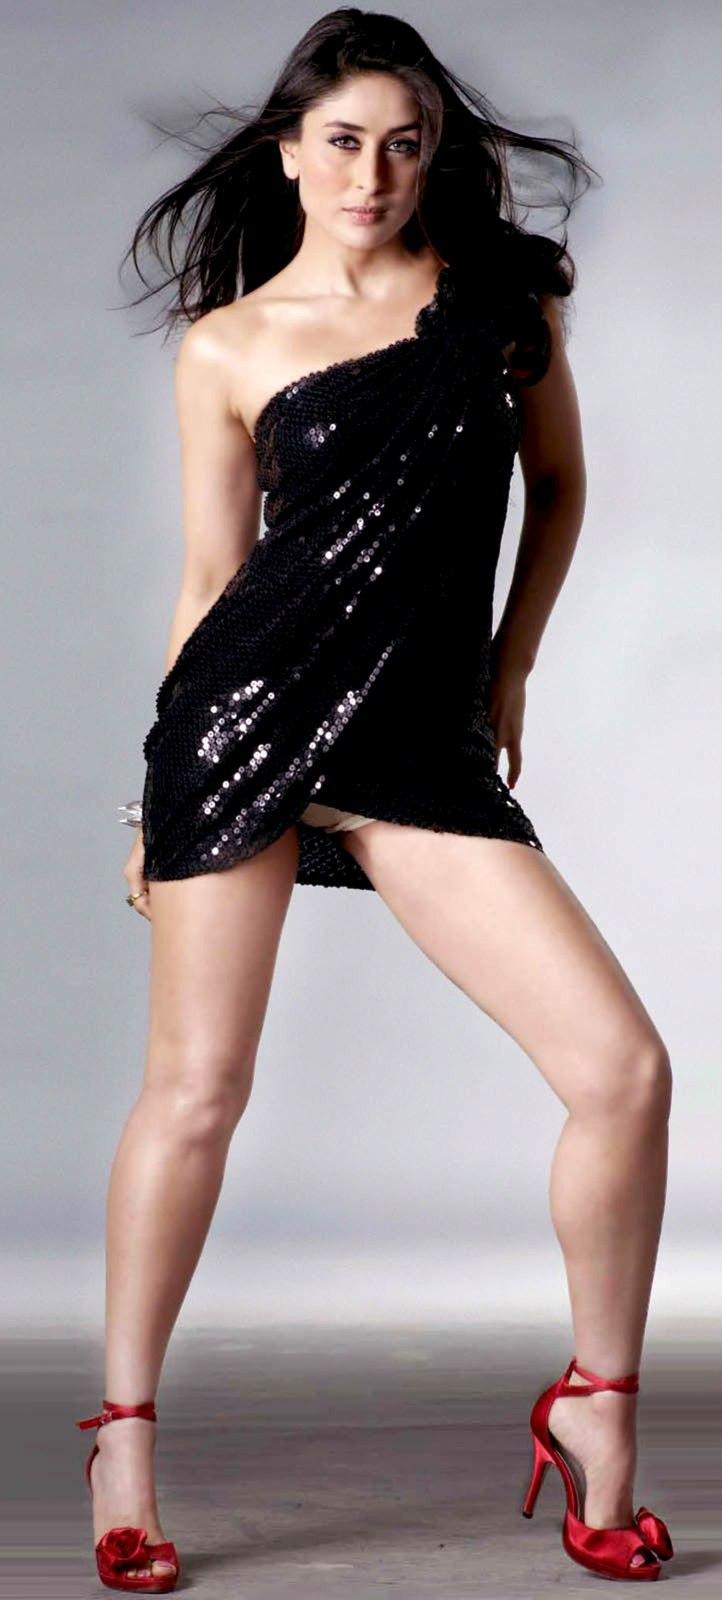 Kareena Kapoor Hot Games Online